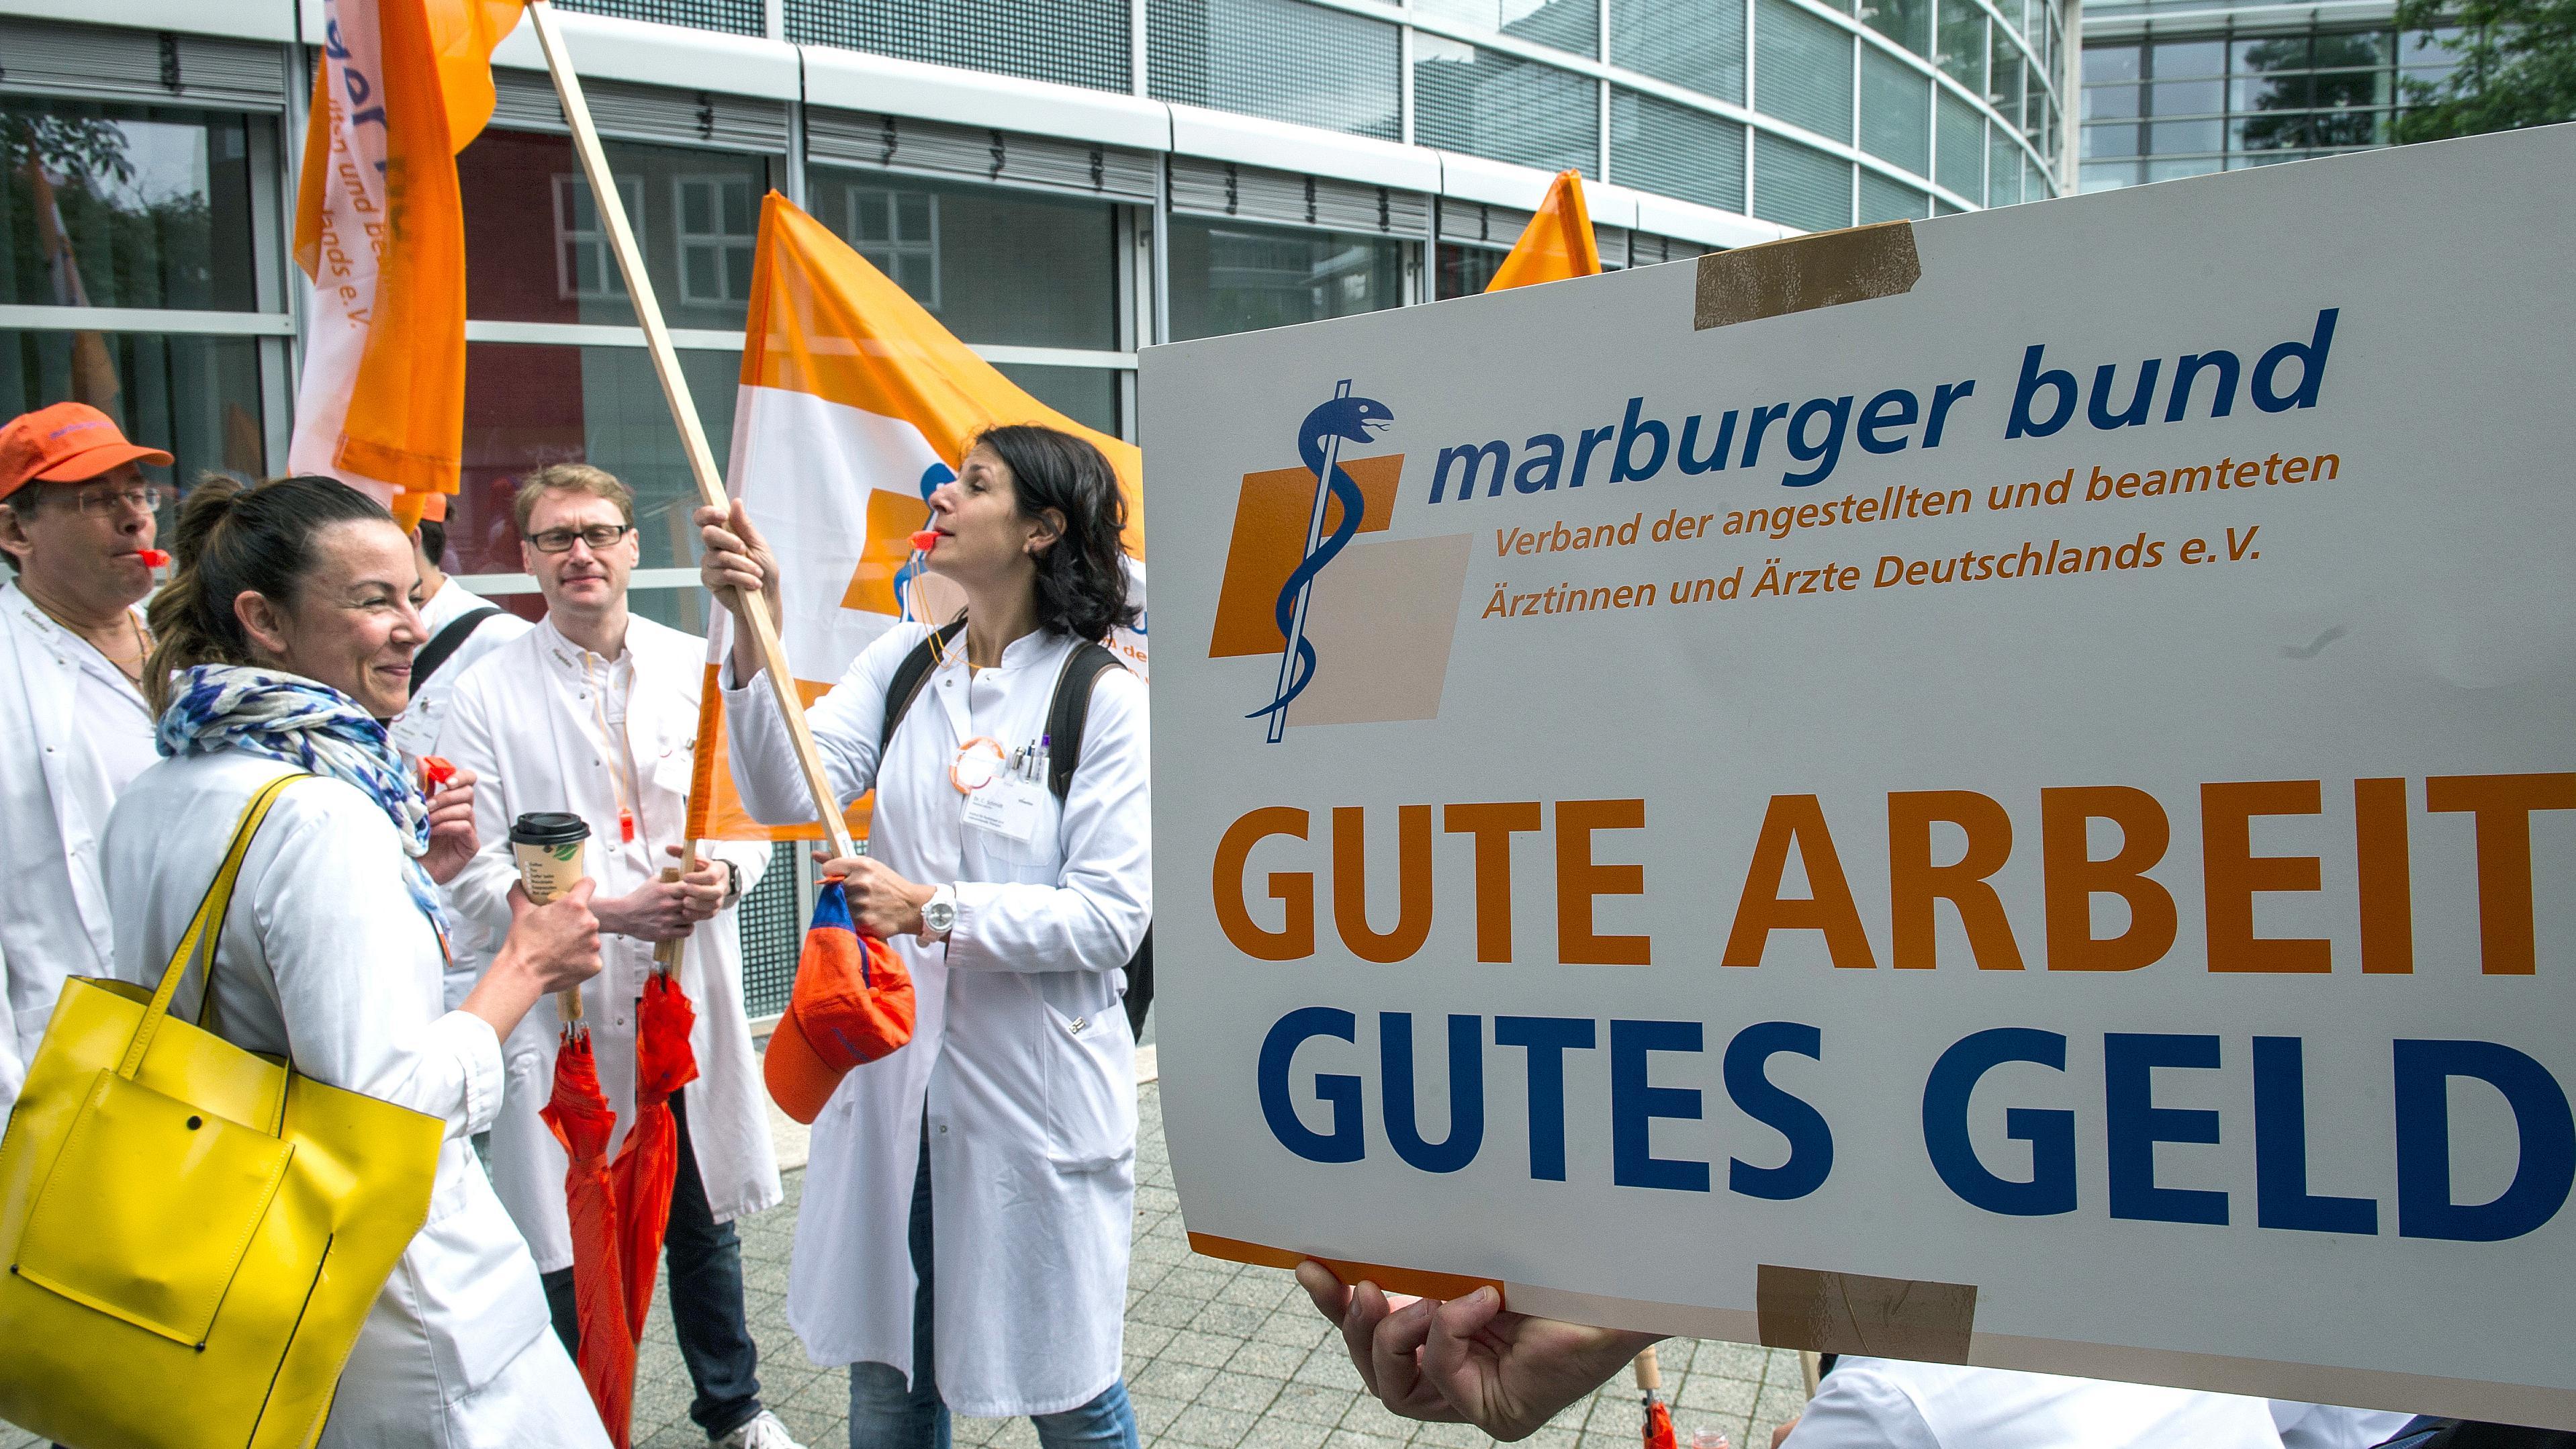 Symbolbild protestierende Ärzte